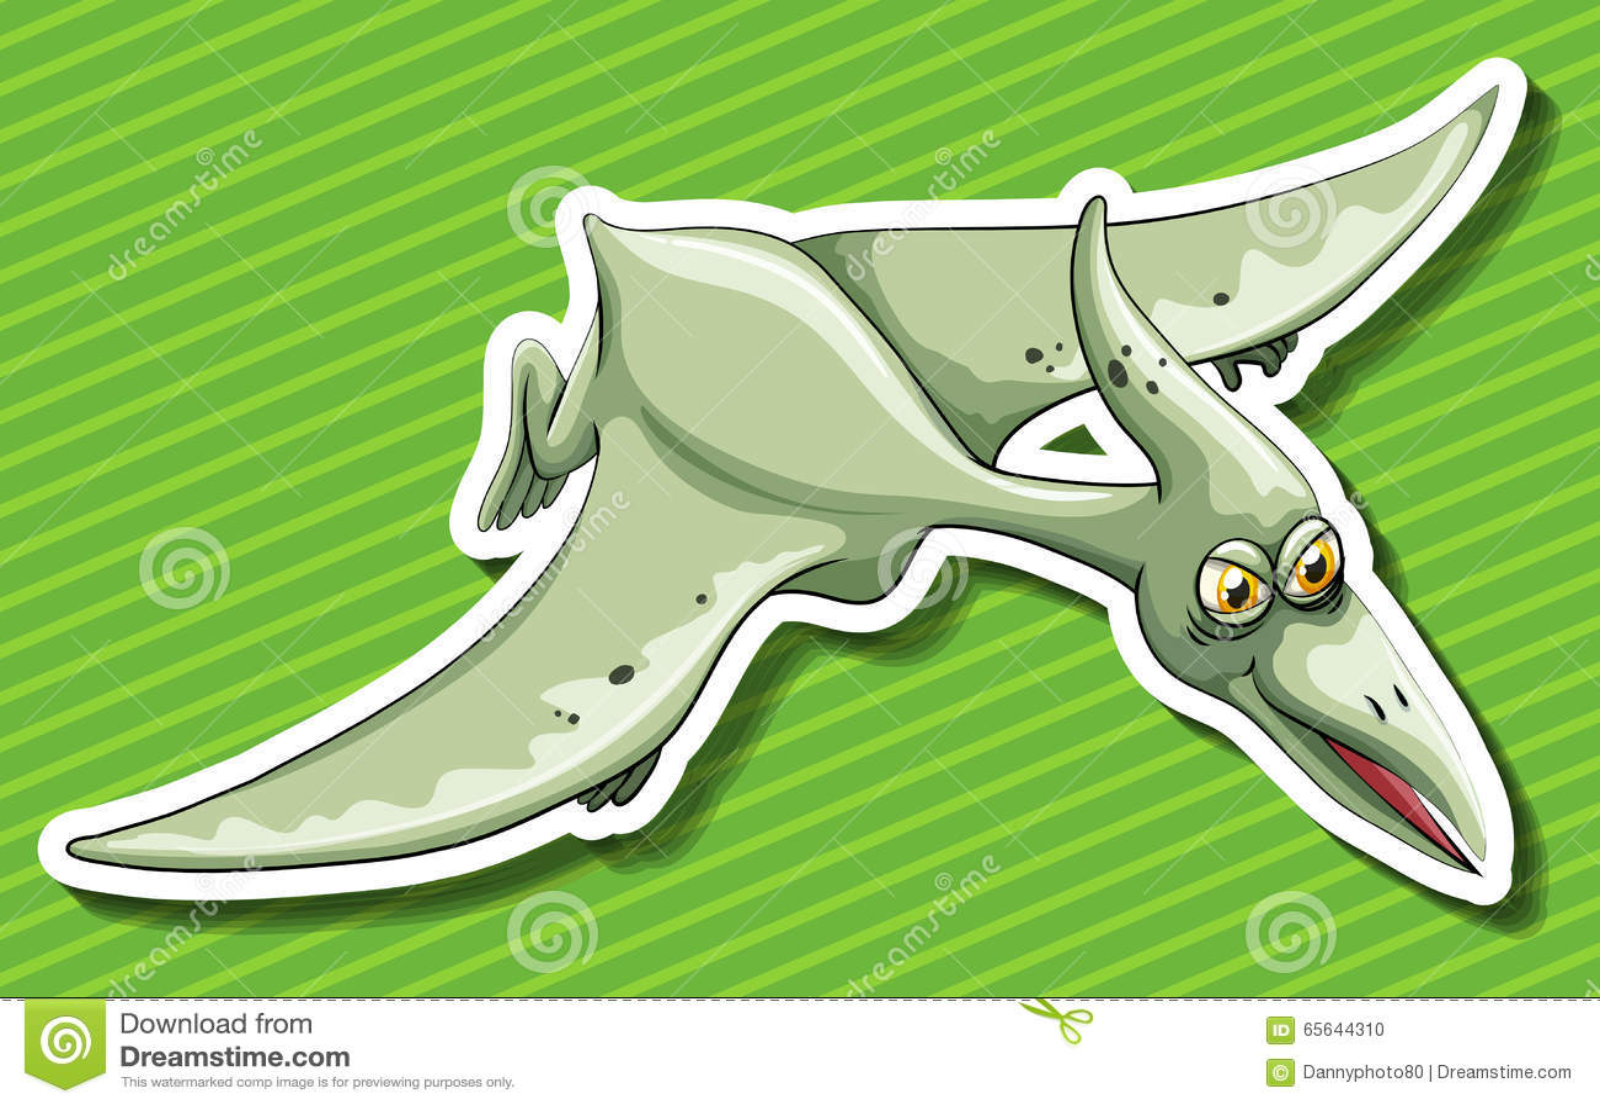 Vol de Pterosaur sur le fond vert